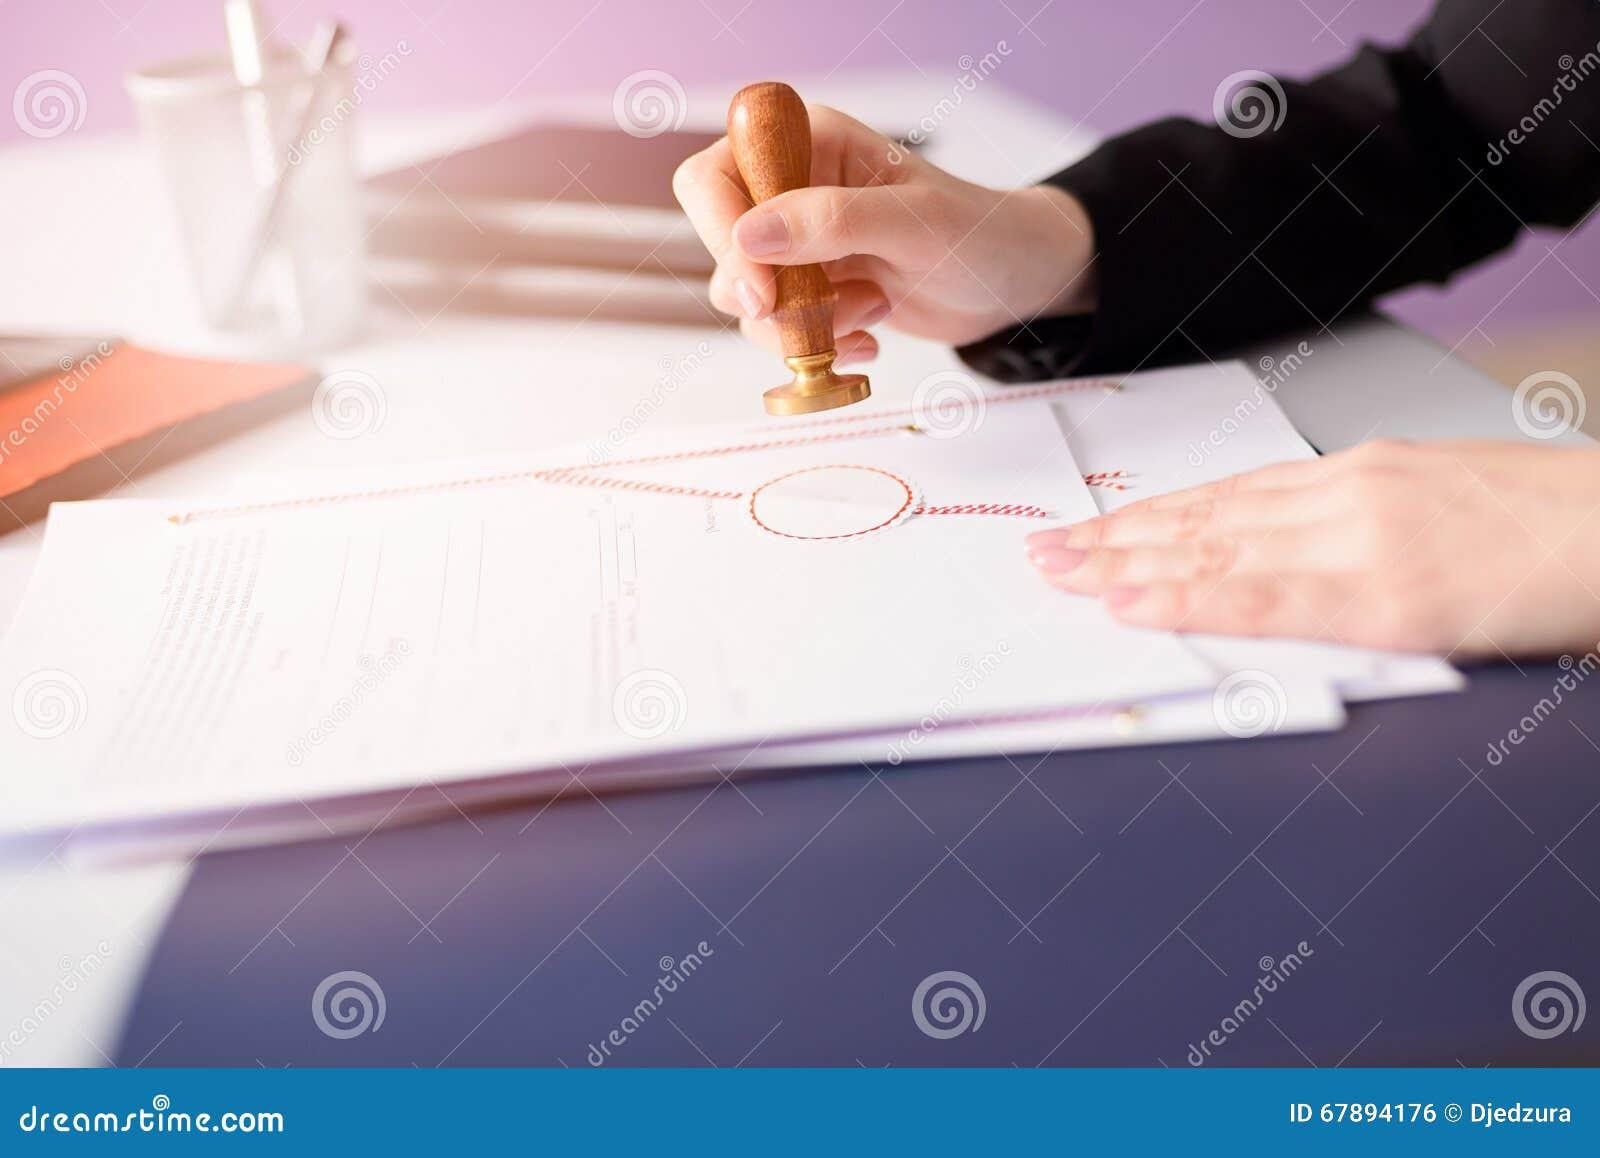 Κοινό συμβολαιογράφων που σφραγίζει το έγγραφο